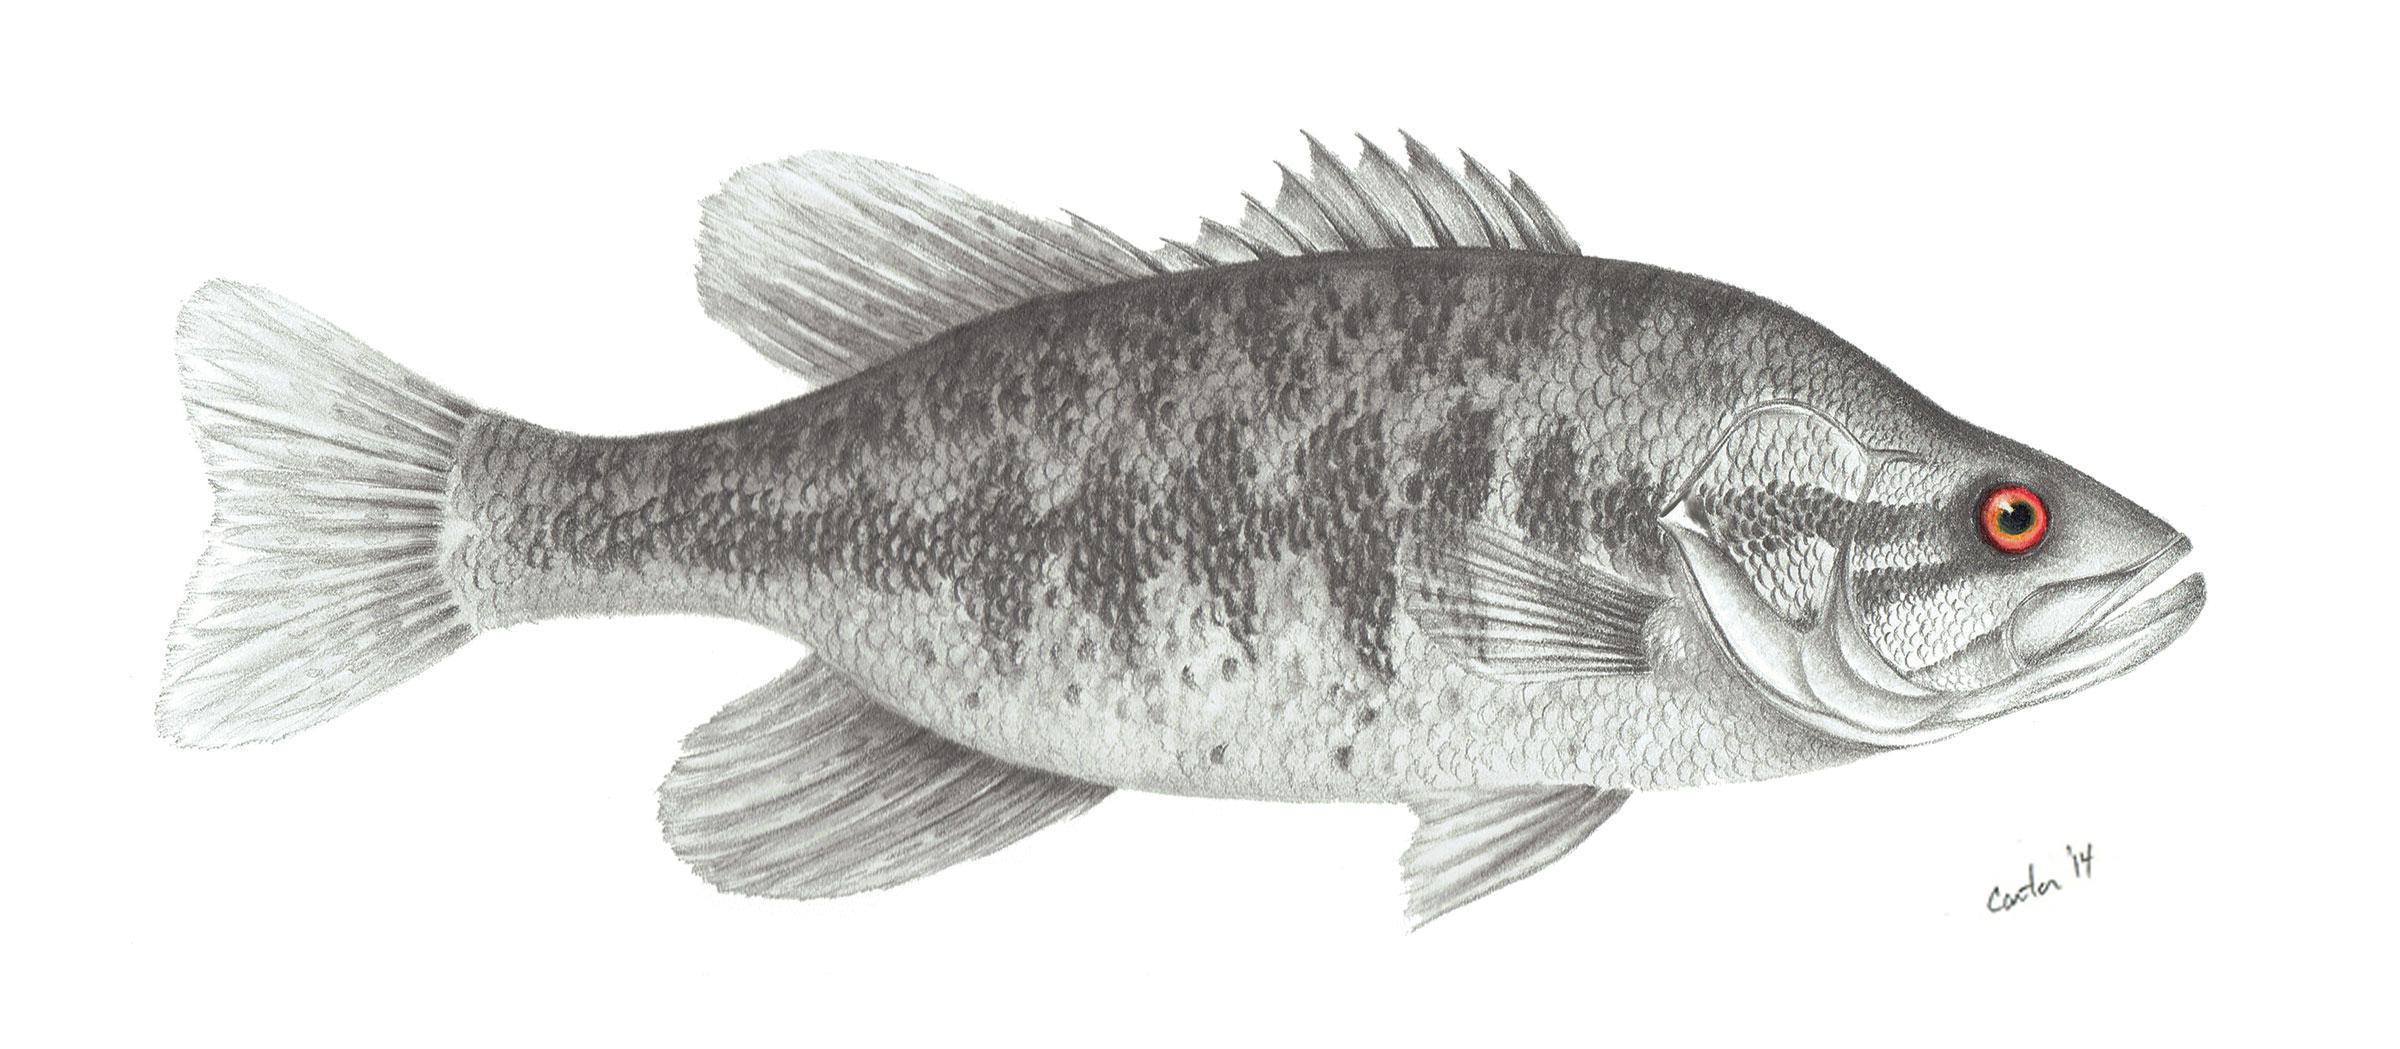 <div class='title'>           patrick-carter-pencil-art-shoal-bass-vfmpjy         </div>